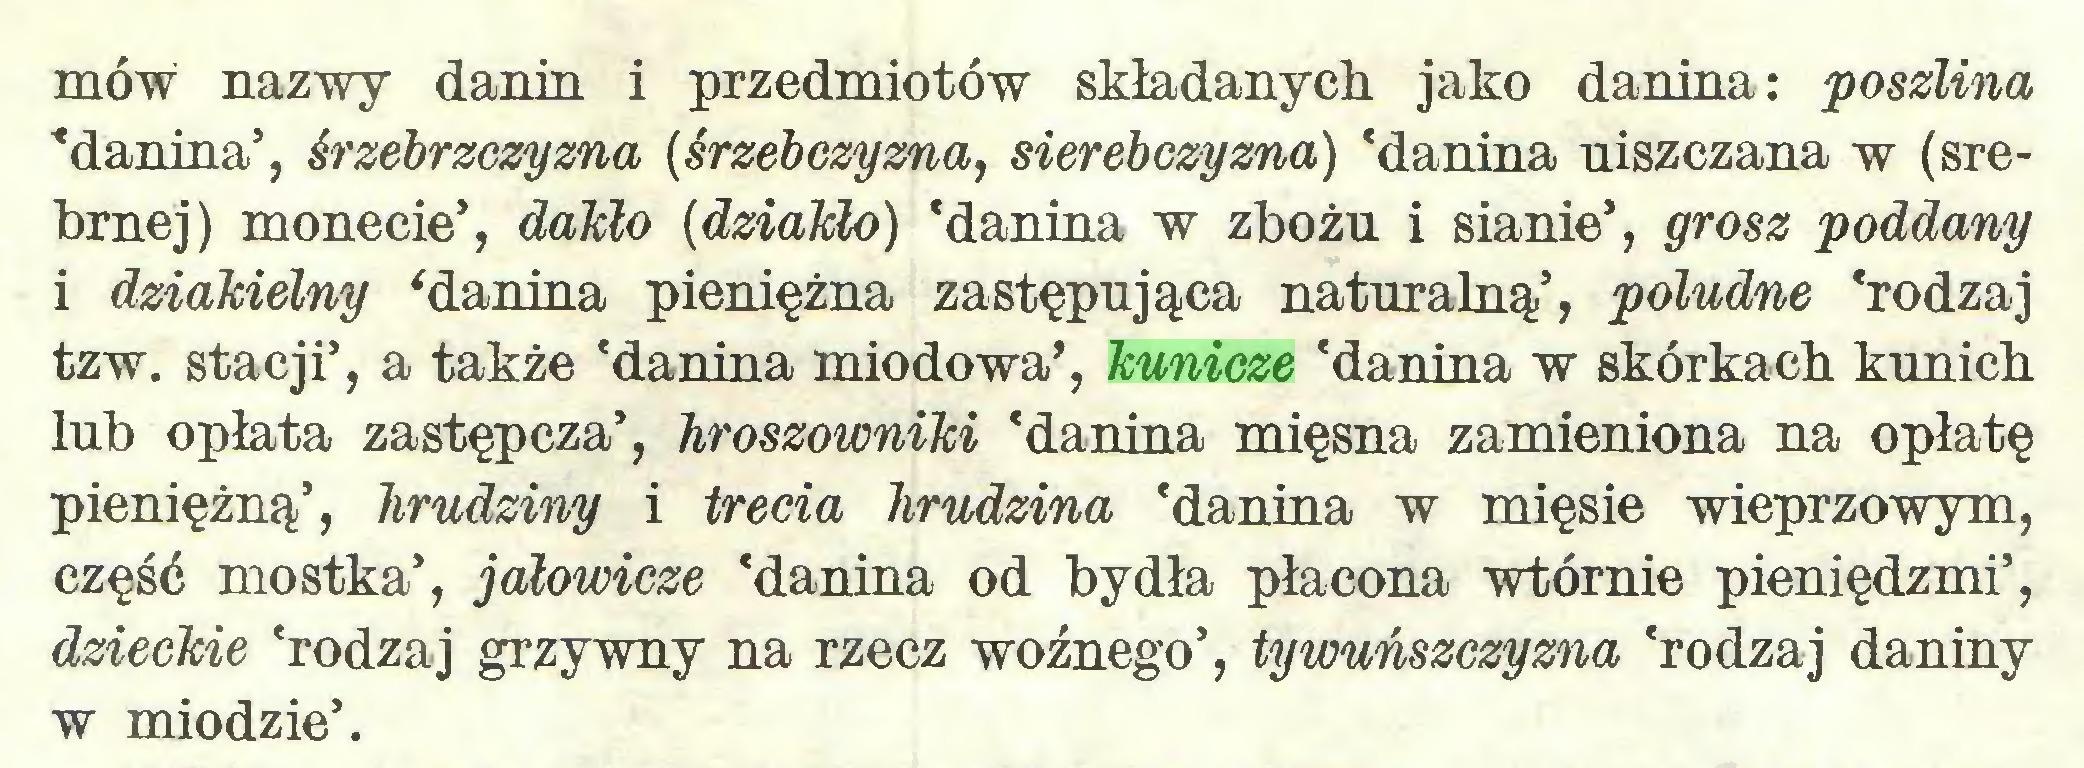 """(...) mów nazwy danin i przedmiotów składanych jako danina: poszlina """"danina5, śrzebrzczyzna (śrzebczyzna, sierebczyzna) 'danina uiszczana w (srebrnej) monecie5, dakło (dziaMo) 'danina w zbożu i sianie*, grosz poddany i dziakielny 'danina pieniężna zastępująca naturalną5, poludne 'rodzaj tzw. stacji5, a także 'danina miodowa*, kunicze 'danina w skórkach kunich lub opłata zastępcza5, hroszowniki 'danina mięsna zamieniona na opłatę pieniężną5, hrudziny i trecia hrudzina 'danina w mięsie wieprzowym, część mostka5, jałowicze 'danina od bydła płacona wtórnie pieniędzmi5, dzieckie 'rodzaj grzywny na rzecz woźnego5, tywuńszczyzna 'rodzaj daniny w miodzie5..."""